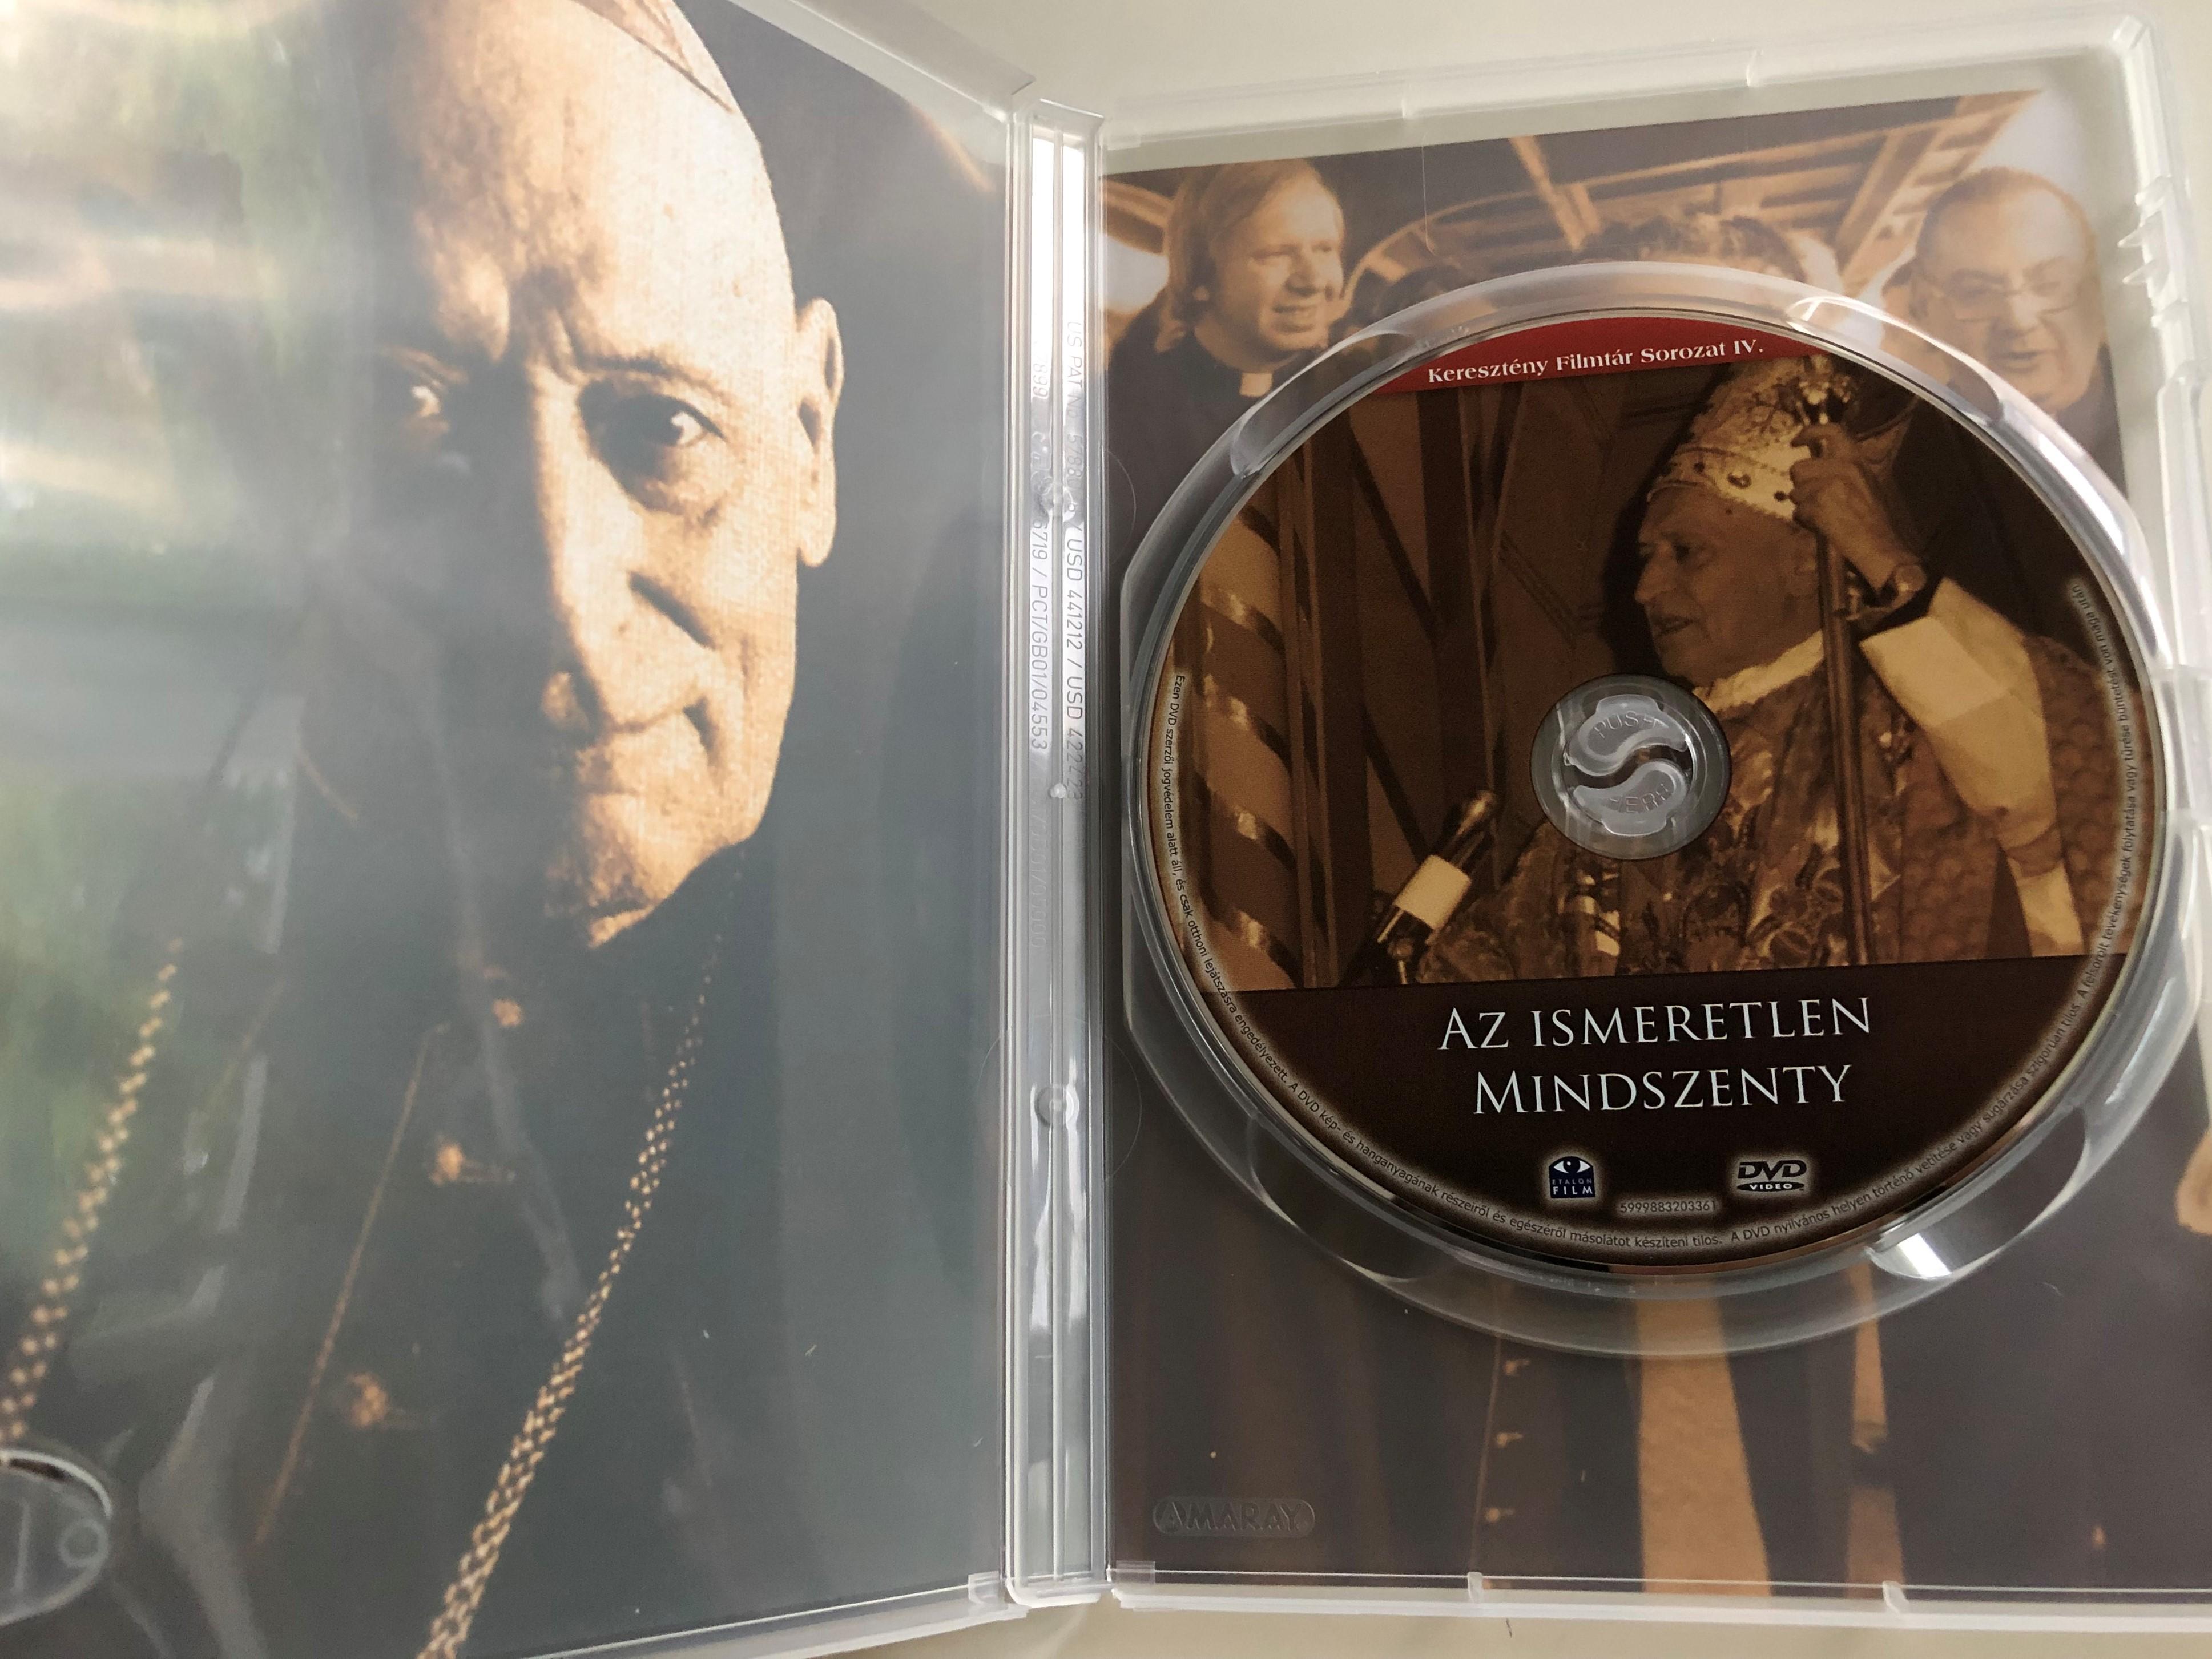 az-ismeretlen-mindszenty-dvd-2008-the-unknown-mindszenty-3-documentaries-about-cardinal-mindszenty-kereszt-ny-filmt-r-sorozat-iv.-etalon-film-2-.jpg